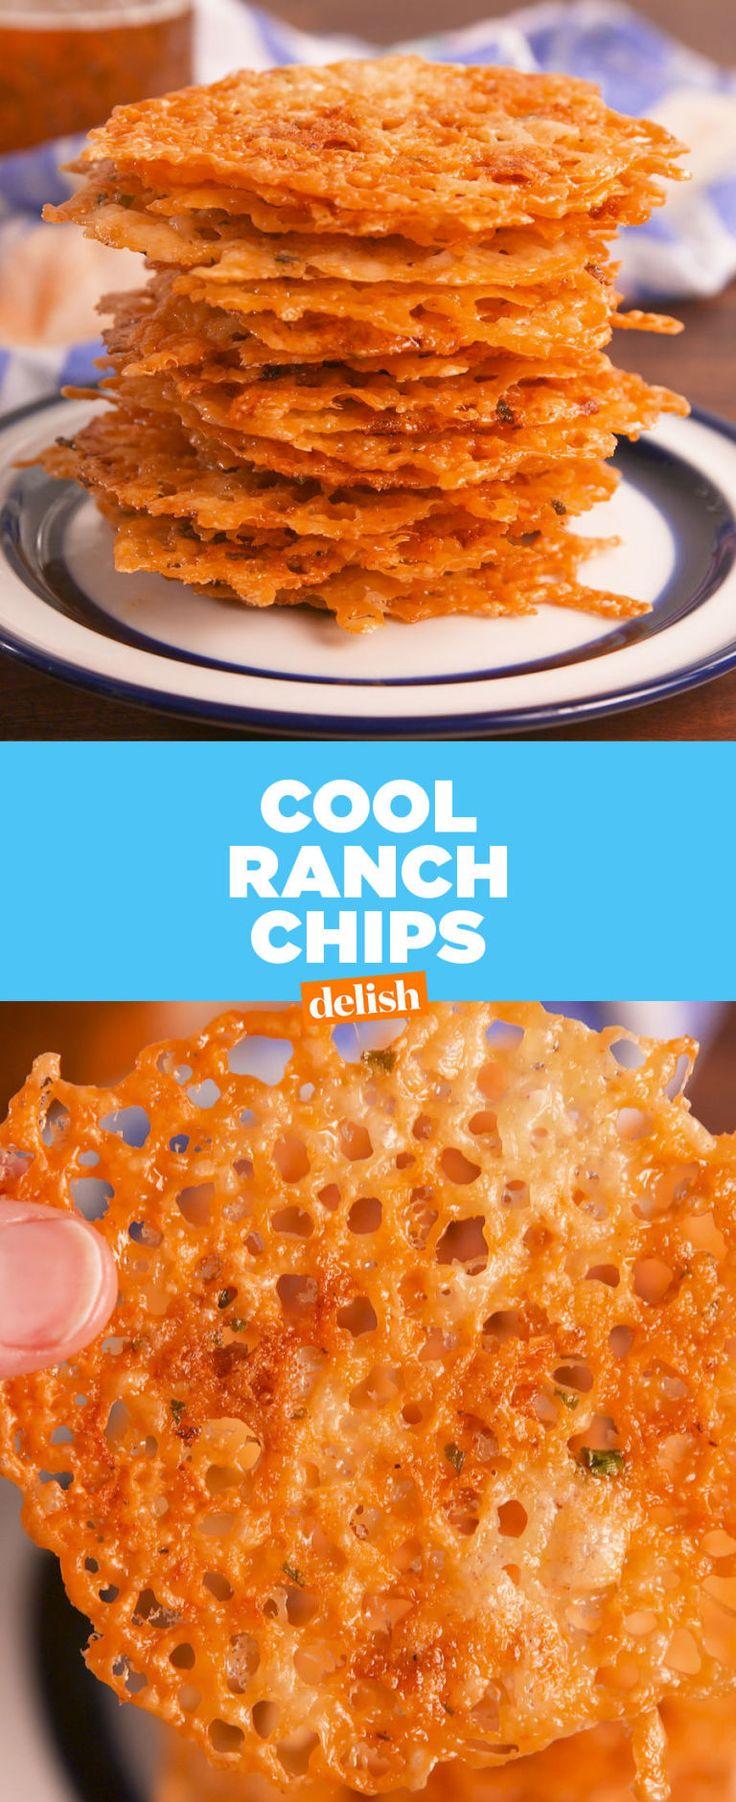 Cool Ranch Crisps   - Delish.com